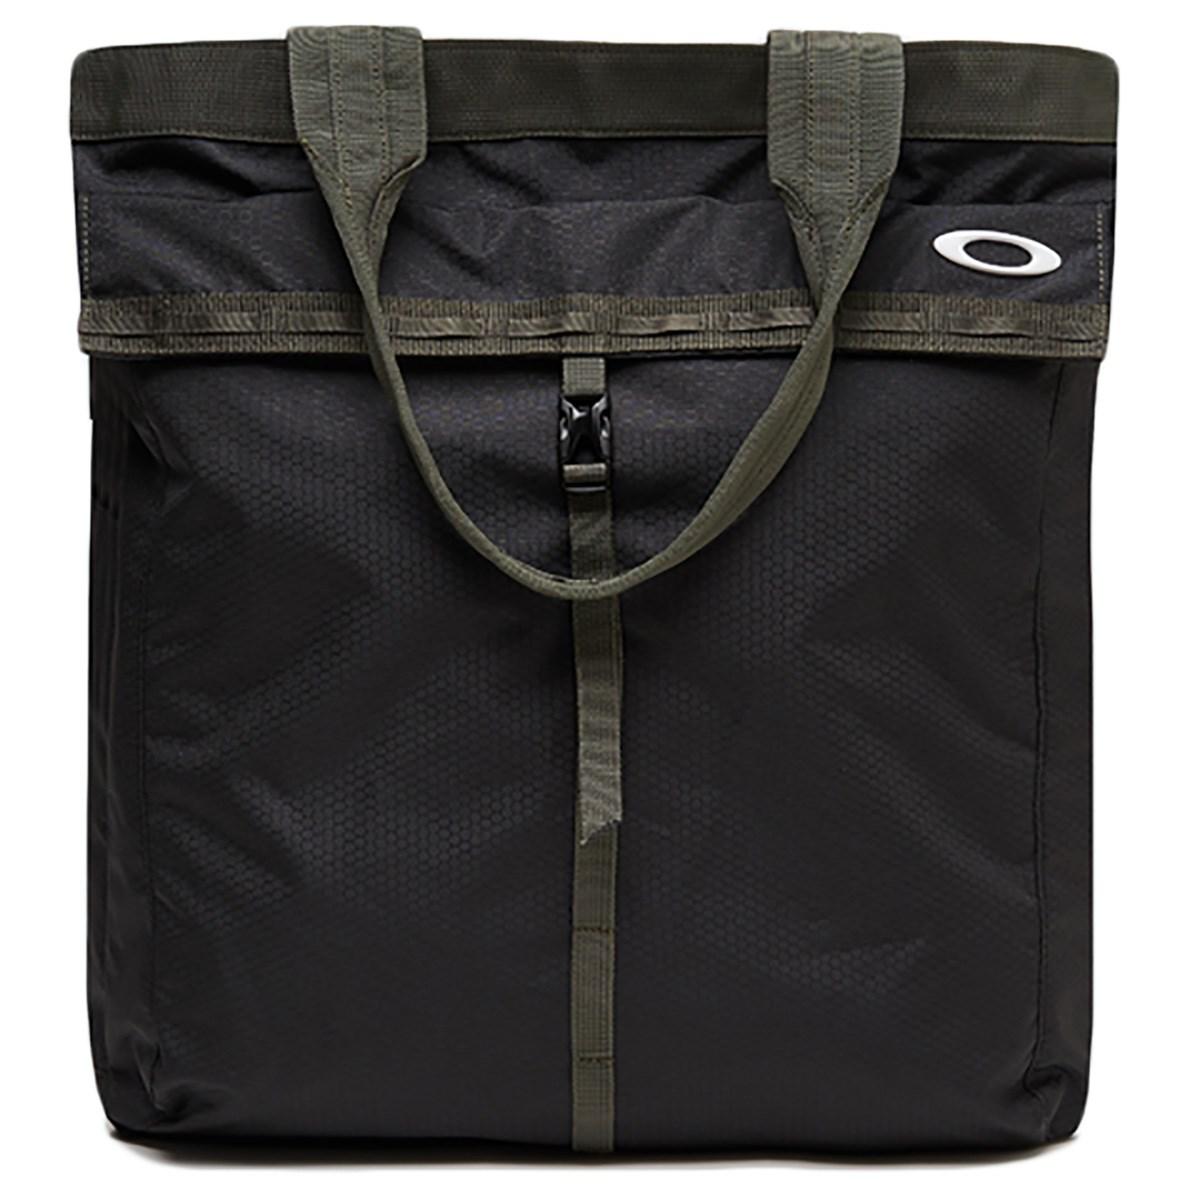 オークリー OAKLEY ESSENTIAL トートバッグ 4.0 ブラックアウト